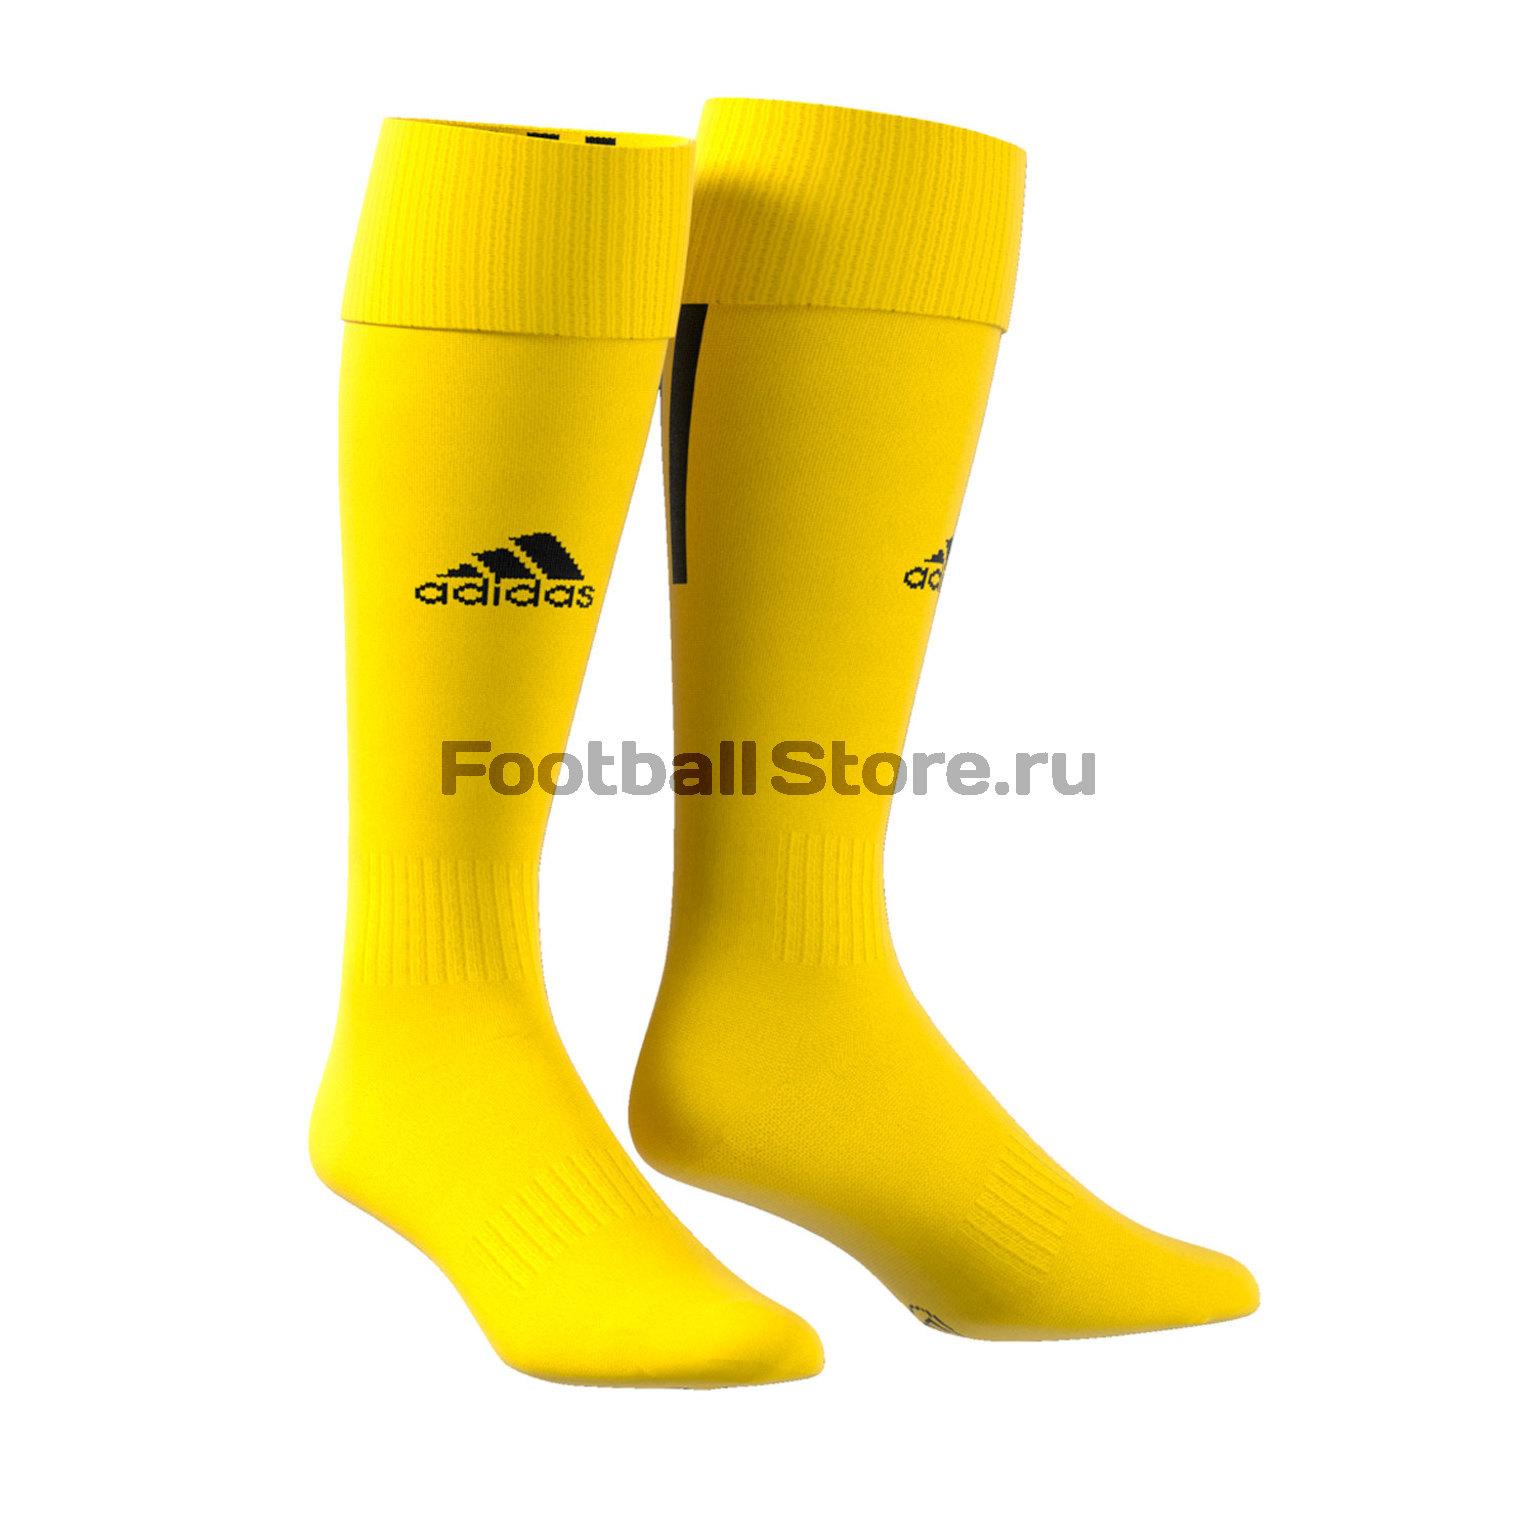 Гетры Adidas Гетры Adidas Santos Sock 18 CV8104 adidas ac milan гетры